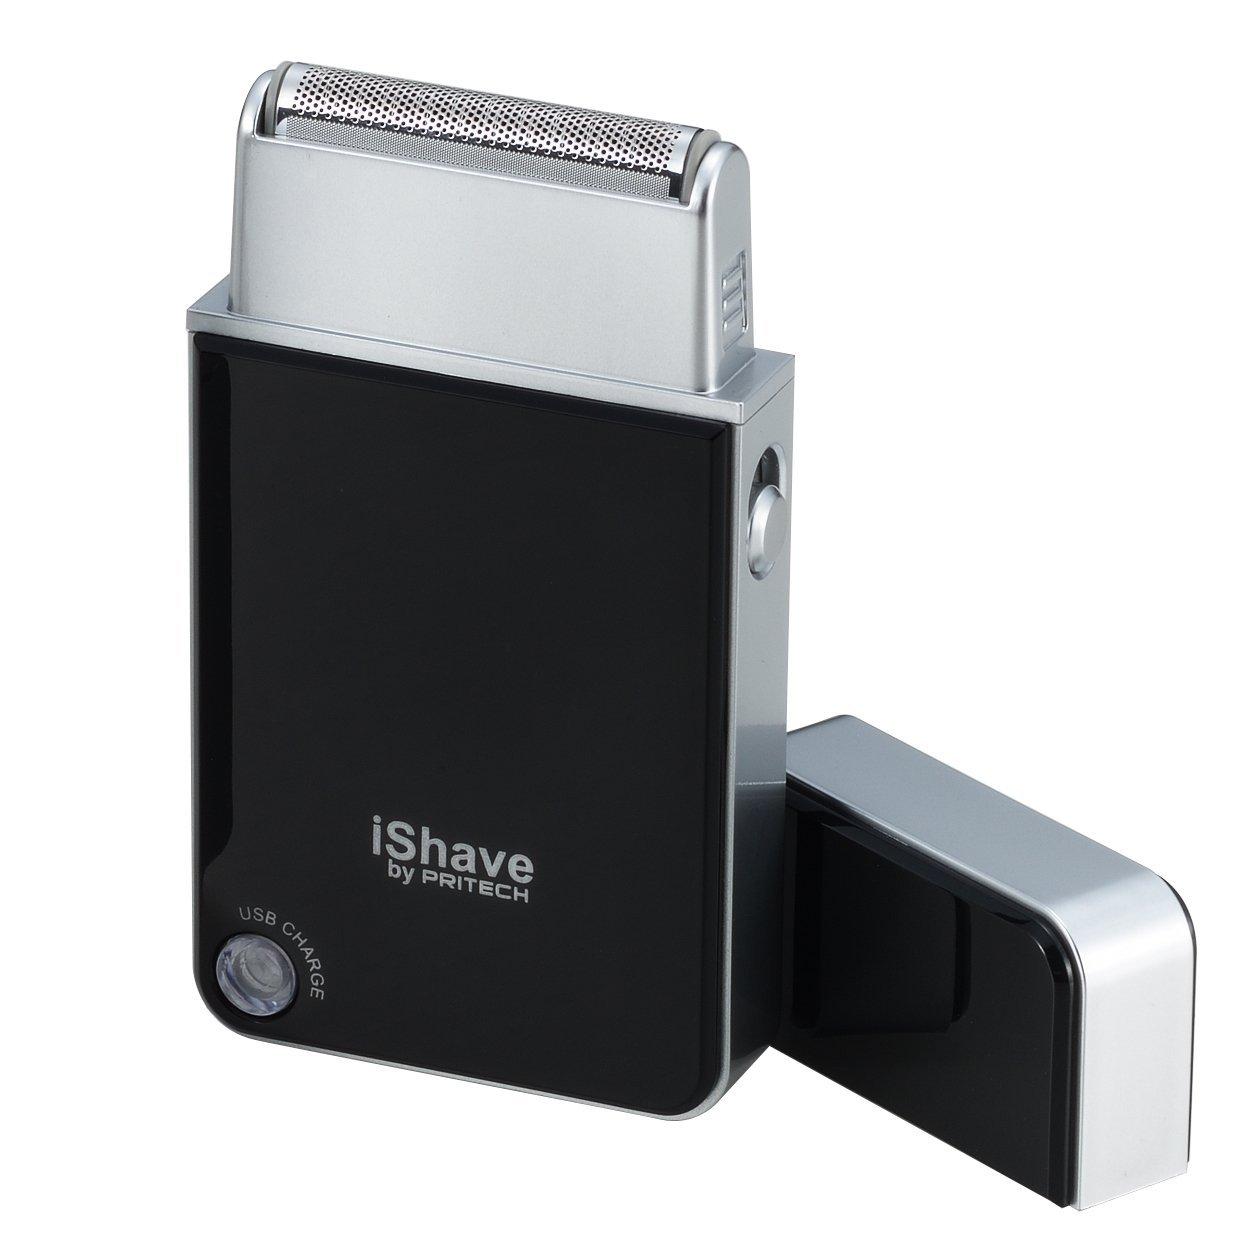 iShave USB